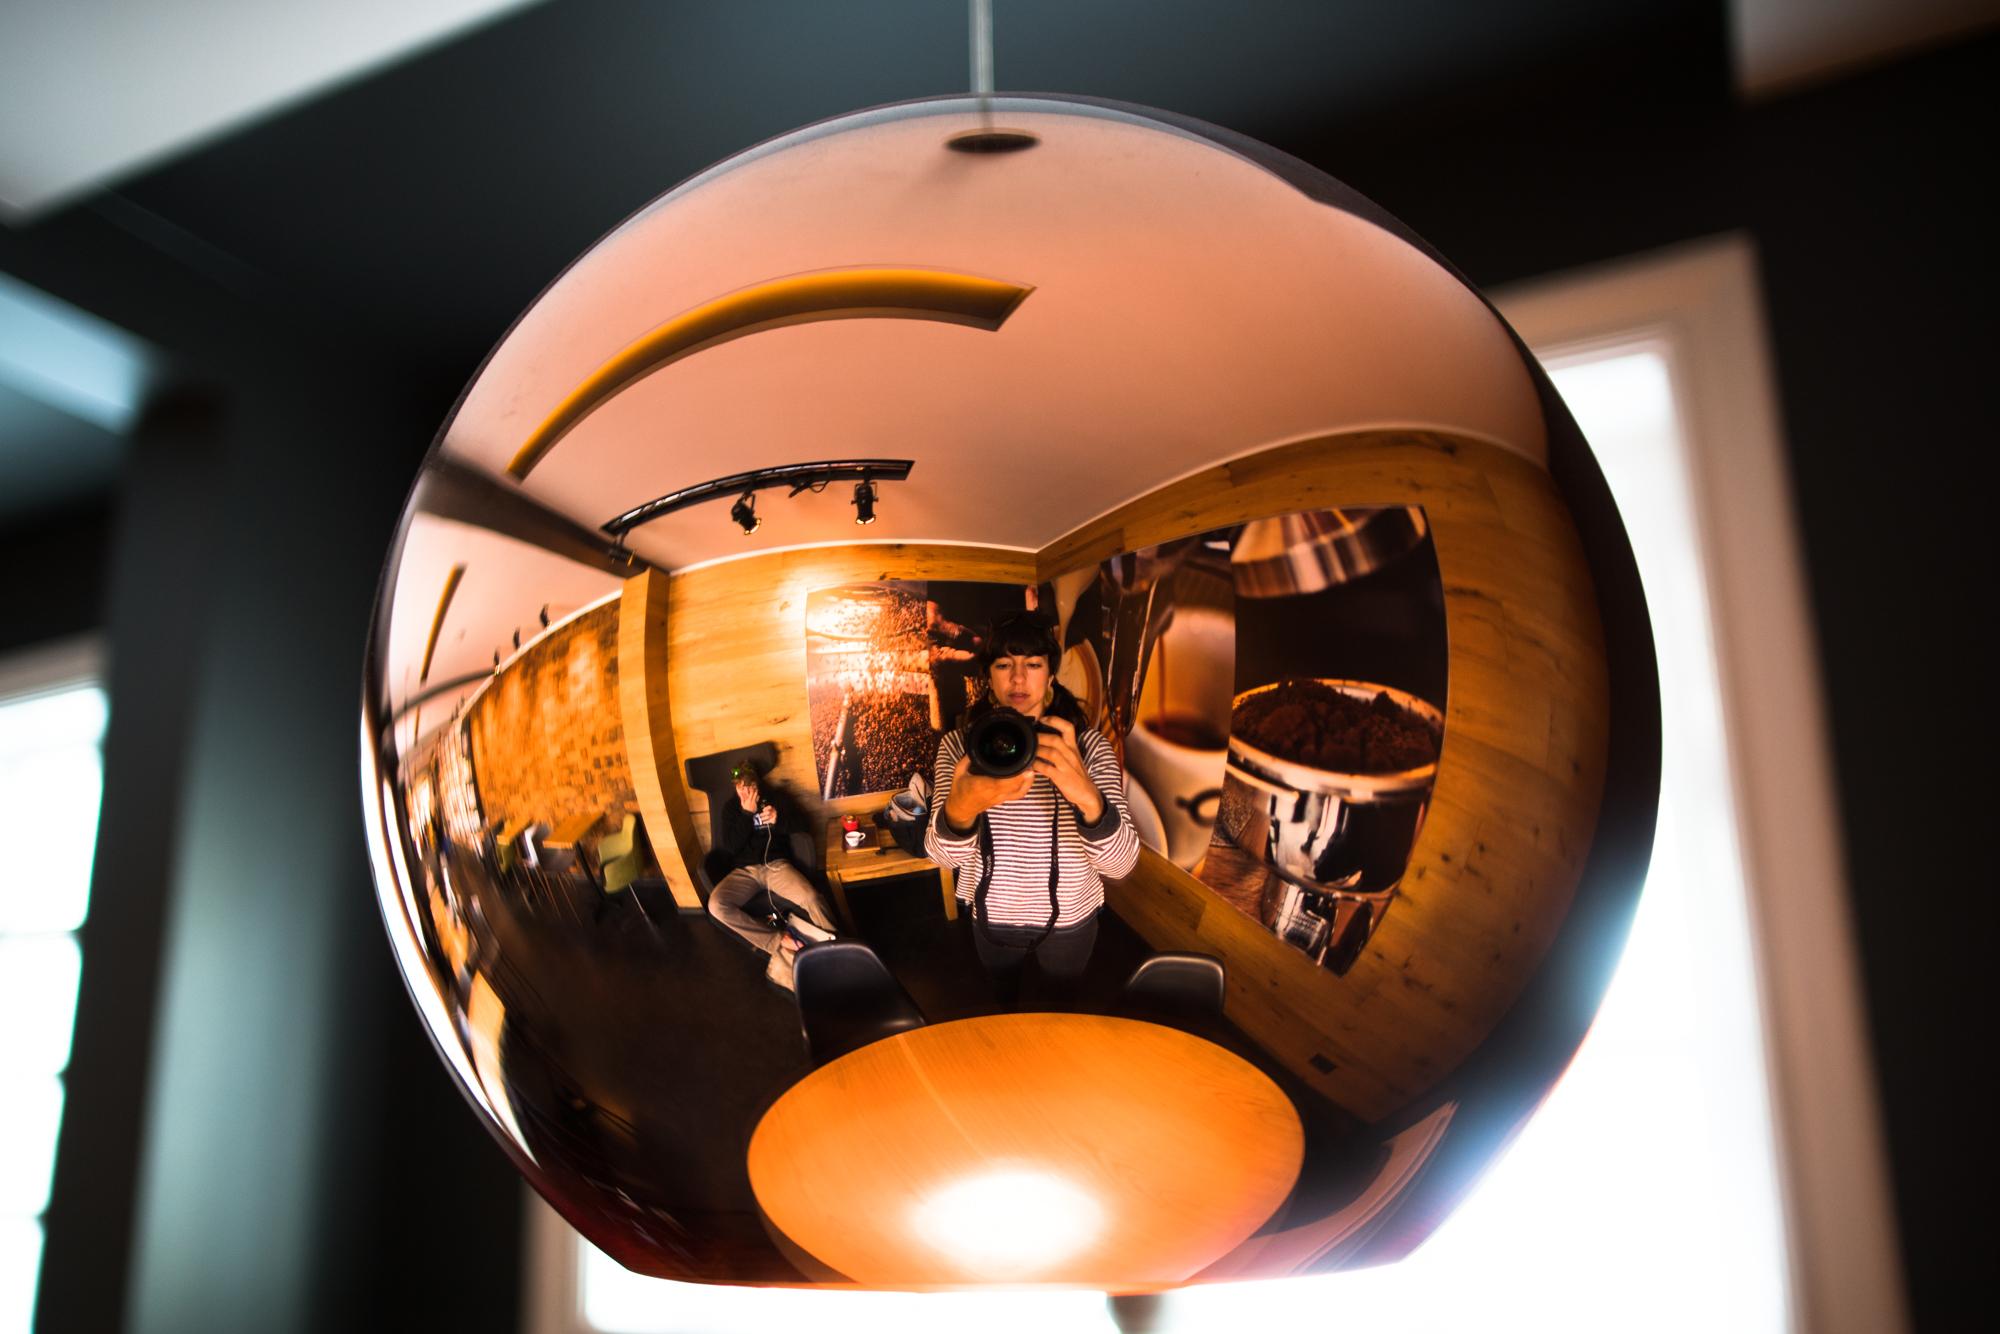 Reflections in a Reykjavík Coffee Shop